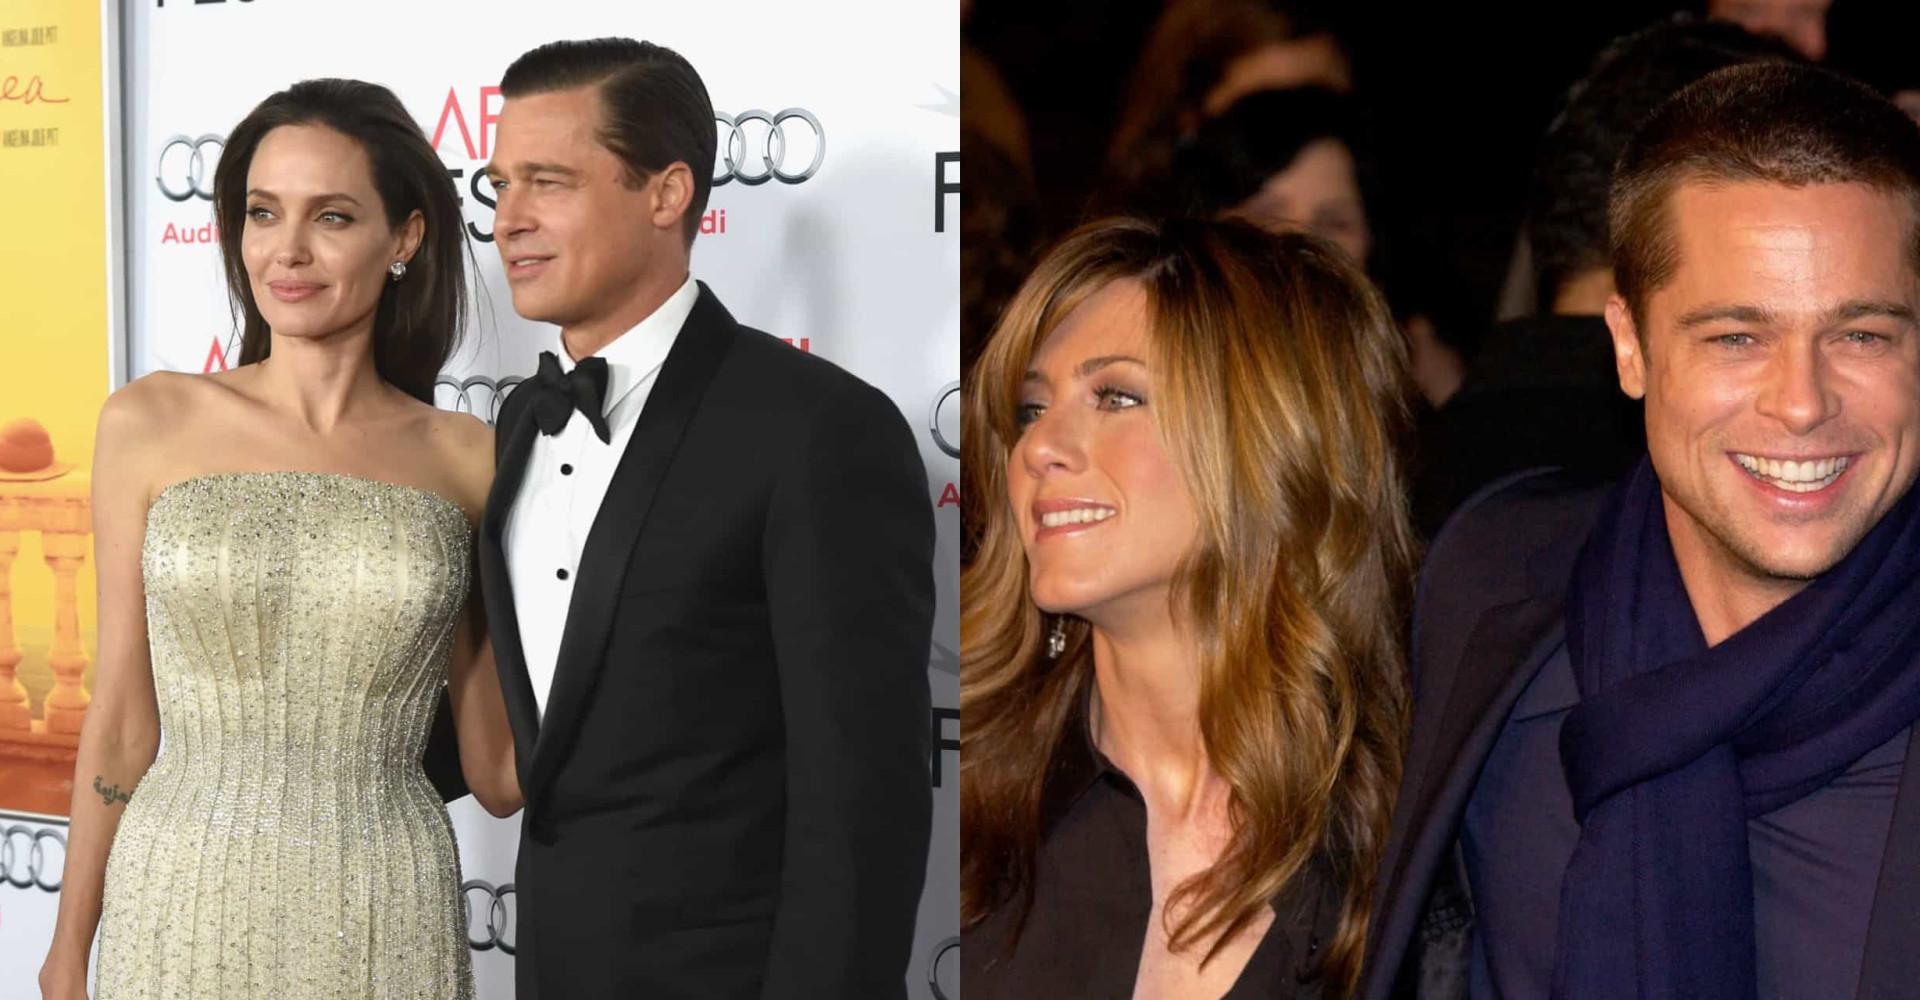 Os controversos triângulos amorosos de Hollywood